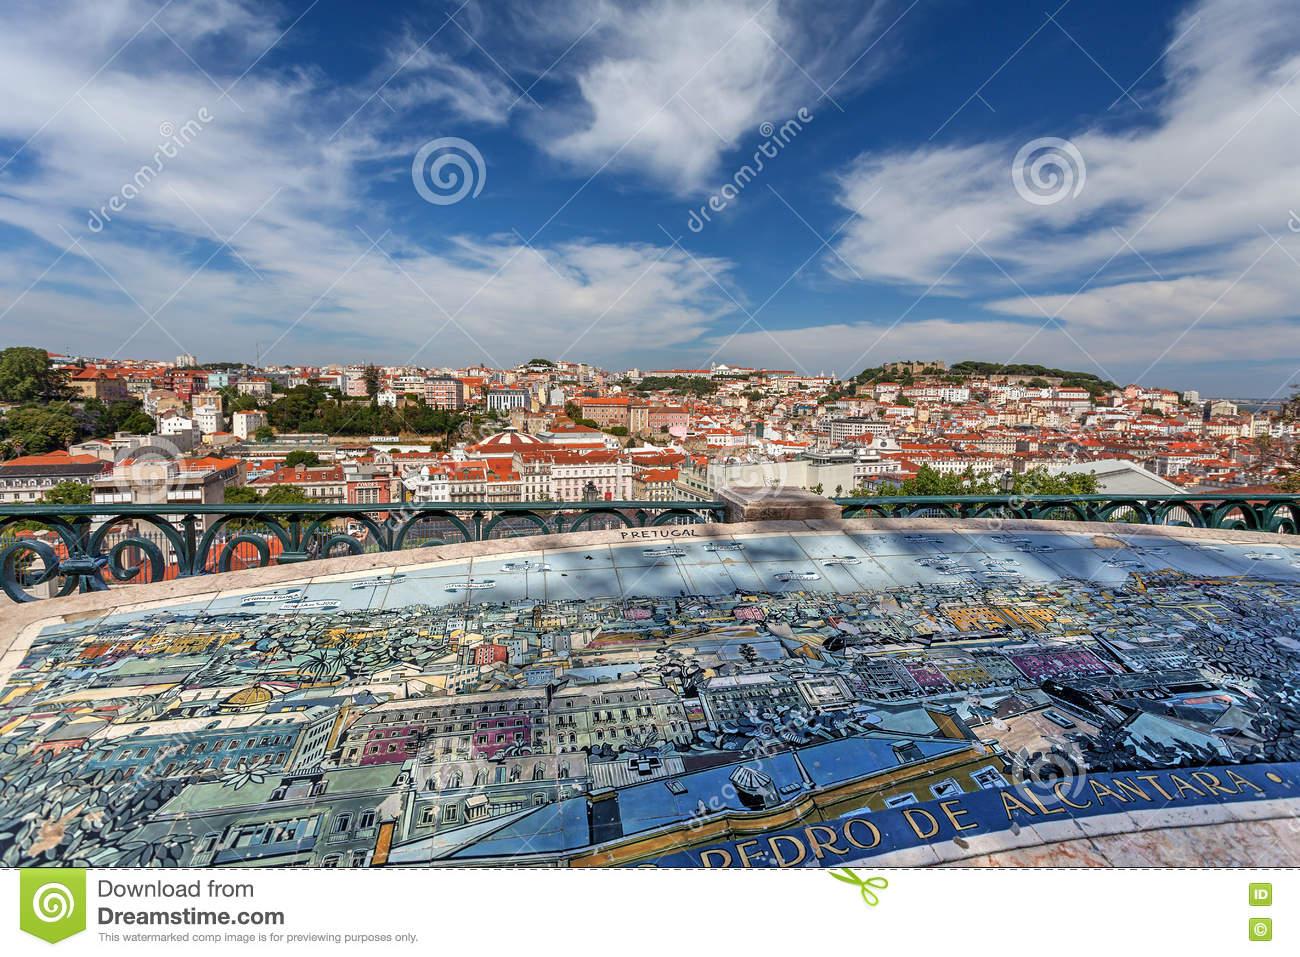 View Miradouro Sao Pedro De Alcantara Lisbon Stock Photos, Images.